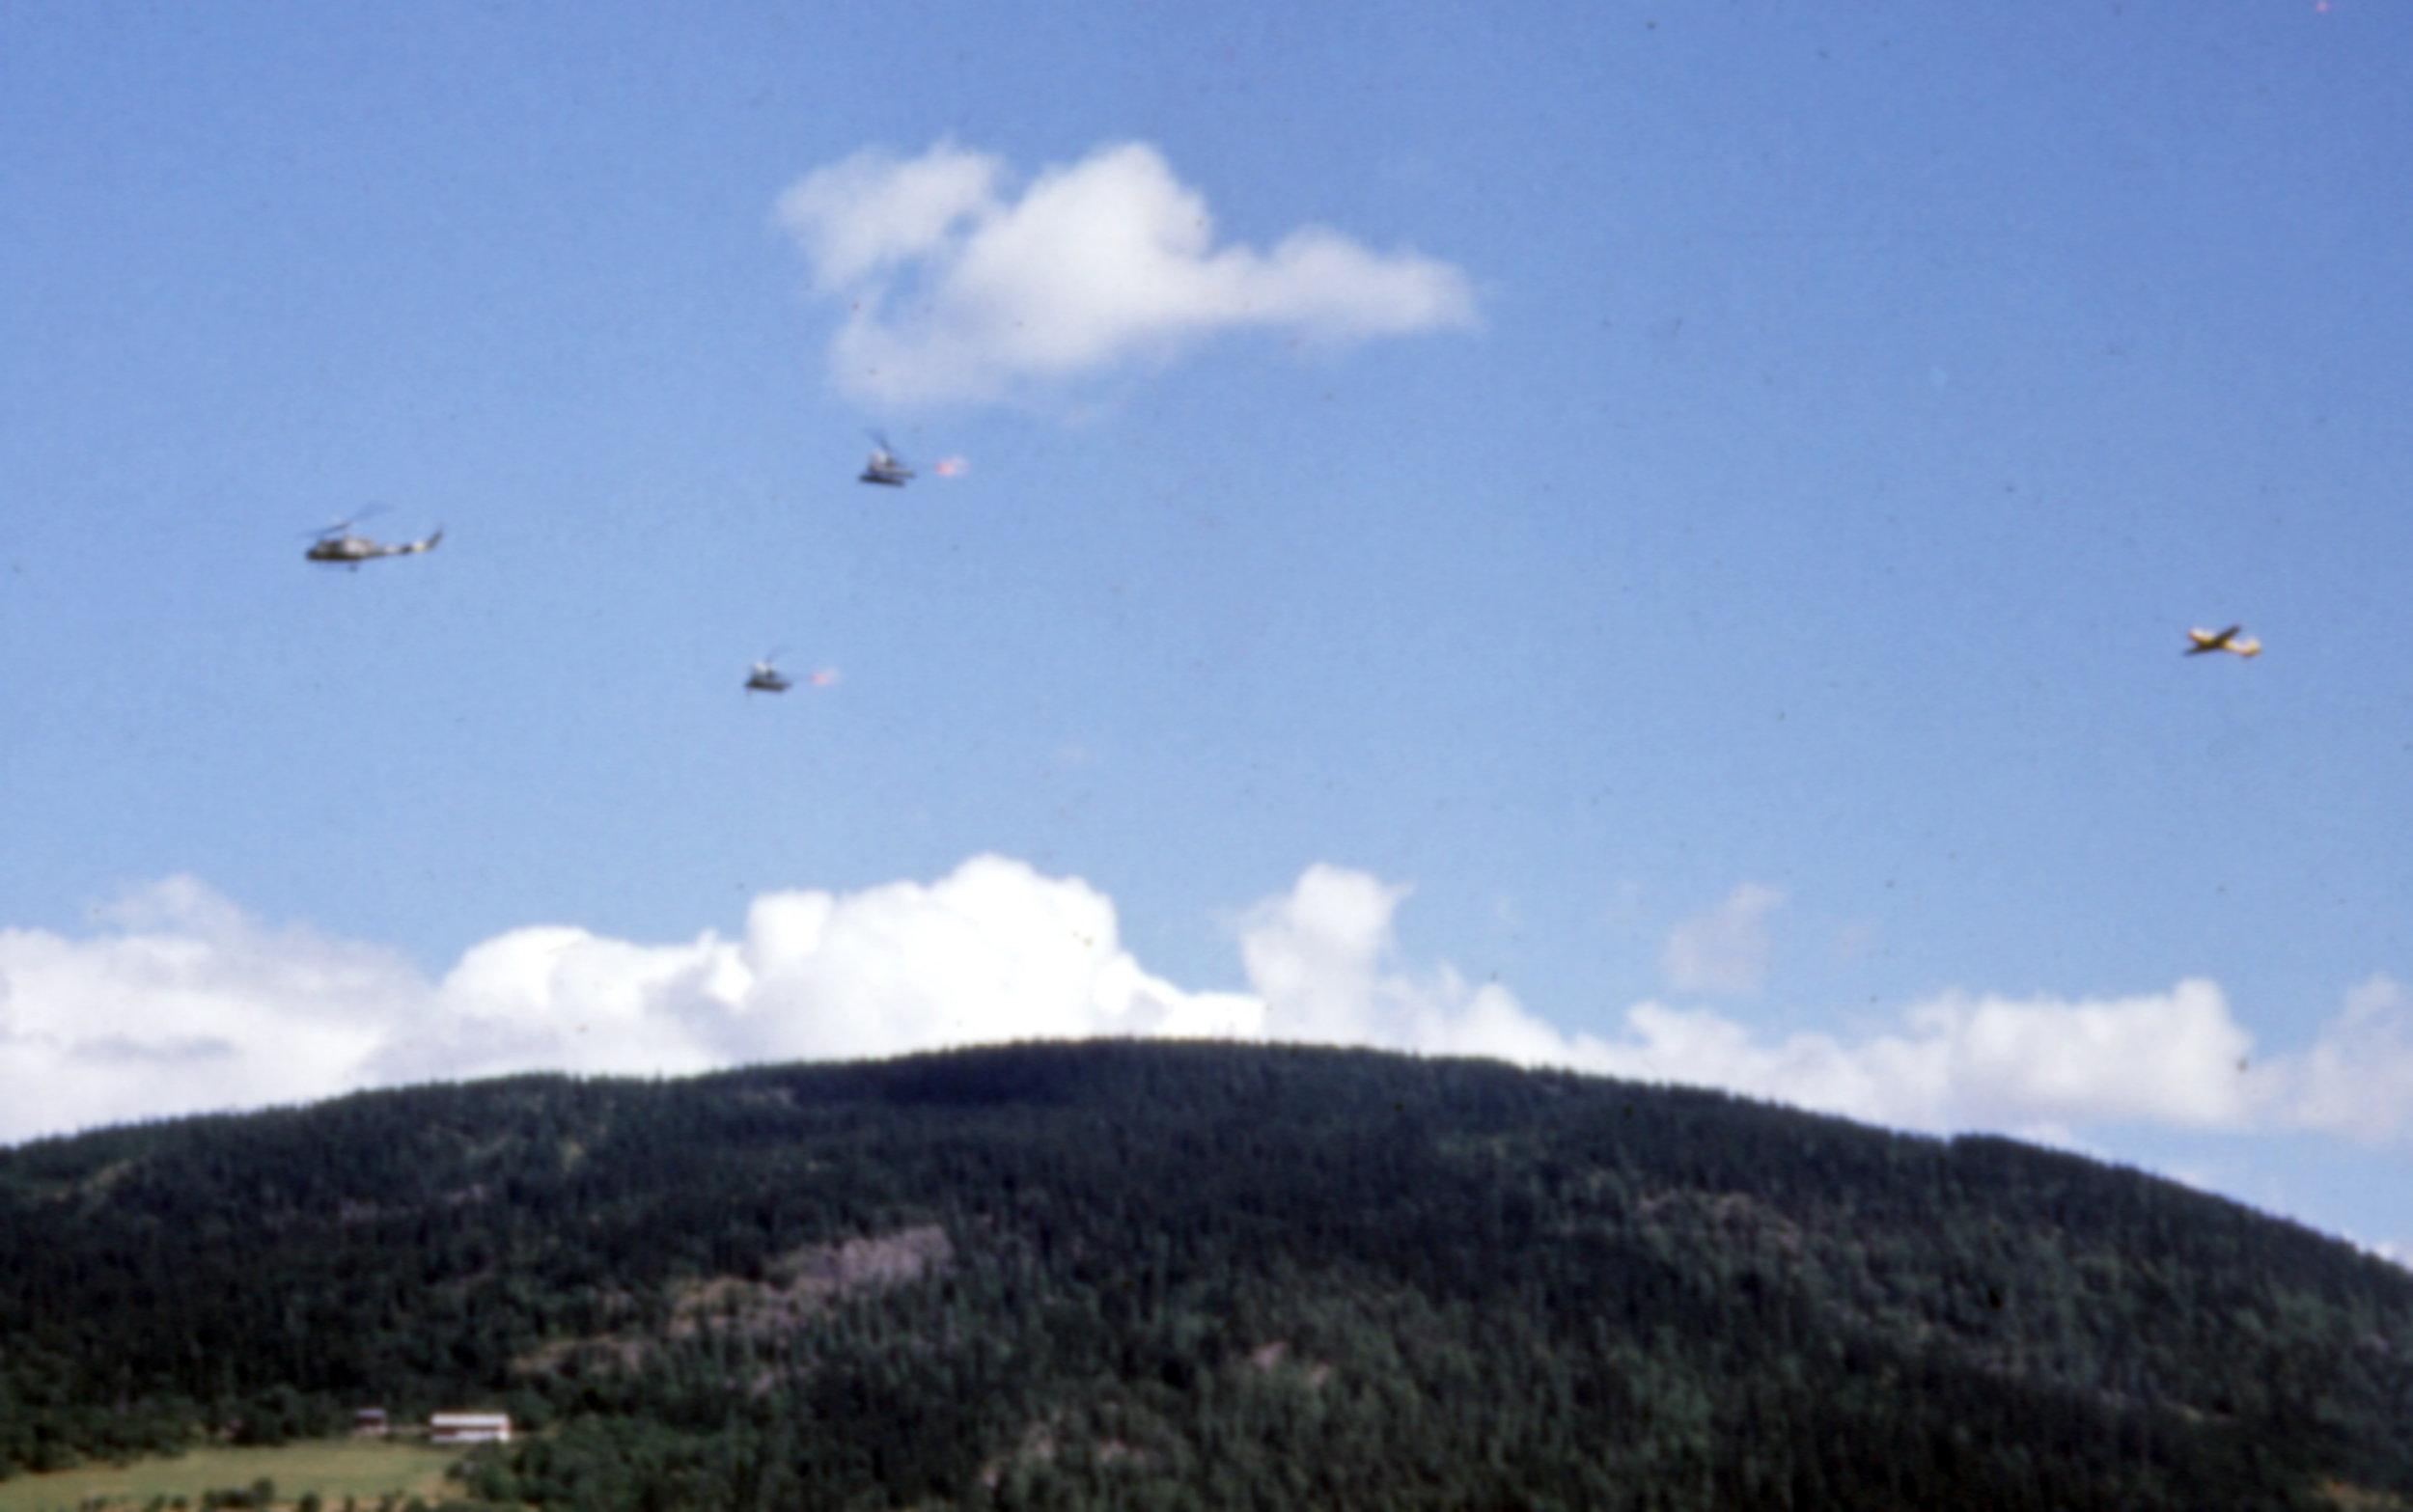 720skvadron 1968 med UH-1B, Bell 47G og SAAB Safir                                                               Foto Per-Jarle Sogn